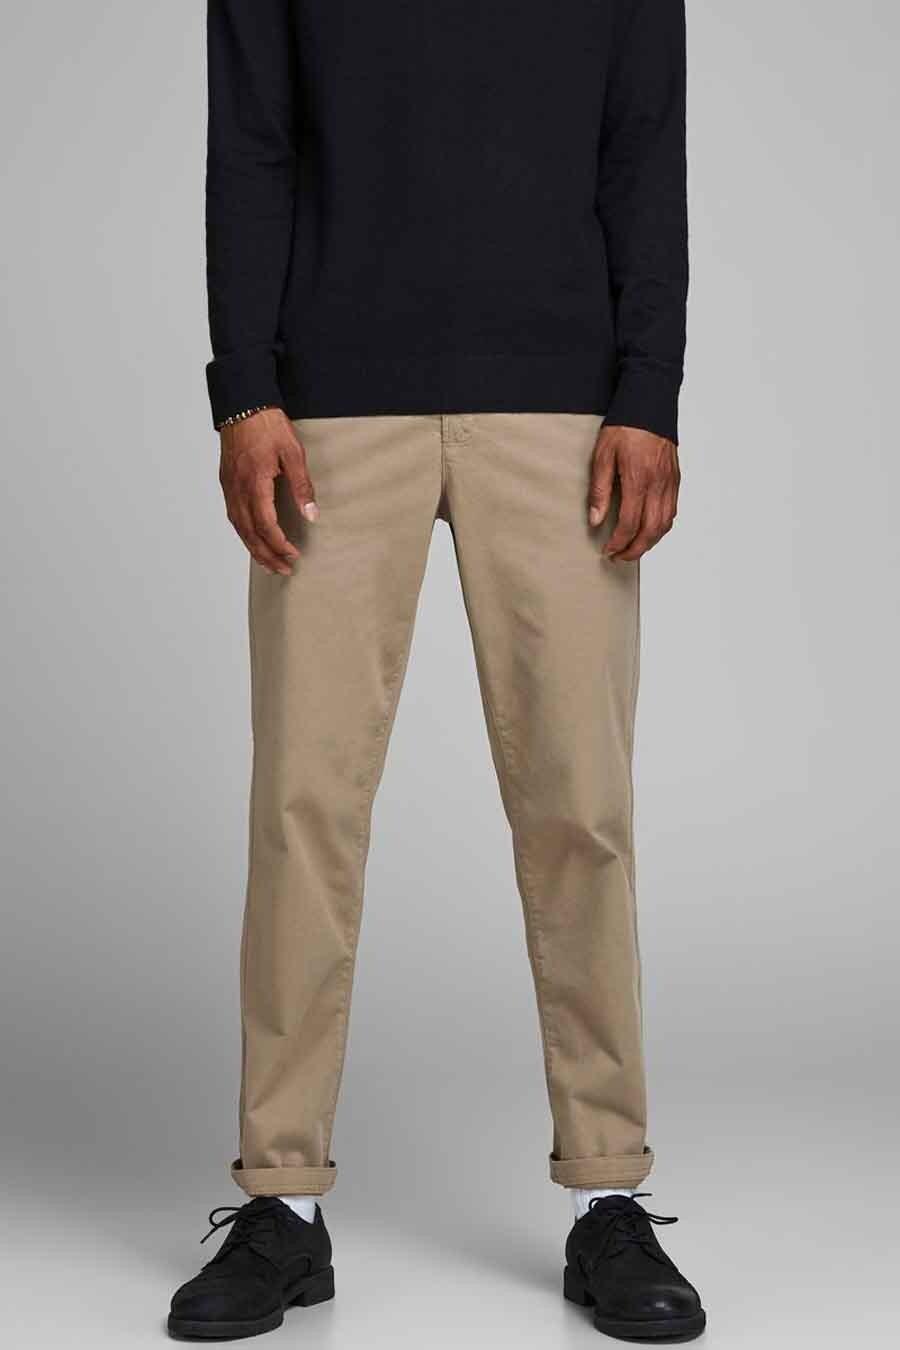 Jack & Jones Jeans Intelligence Chino, Beige, Heren, Maat: 28x34/34x34